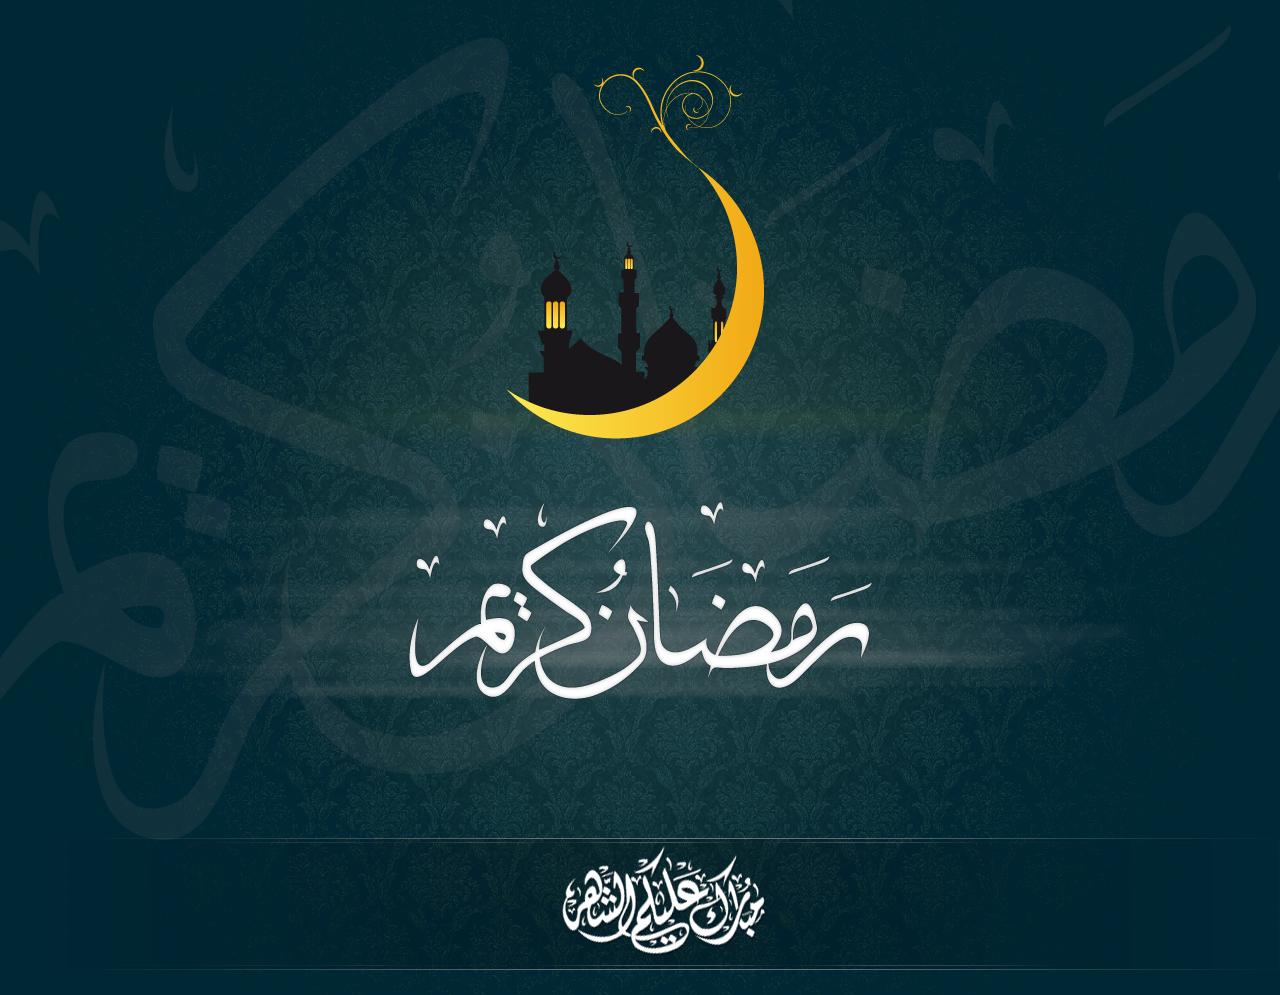 كلمات عن فضل شهر رمضان مفهرس